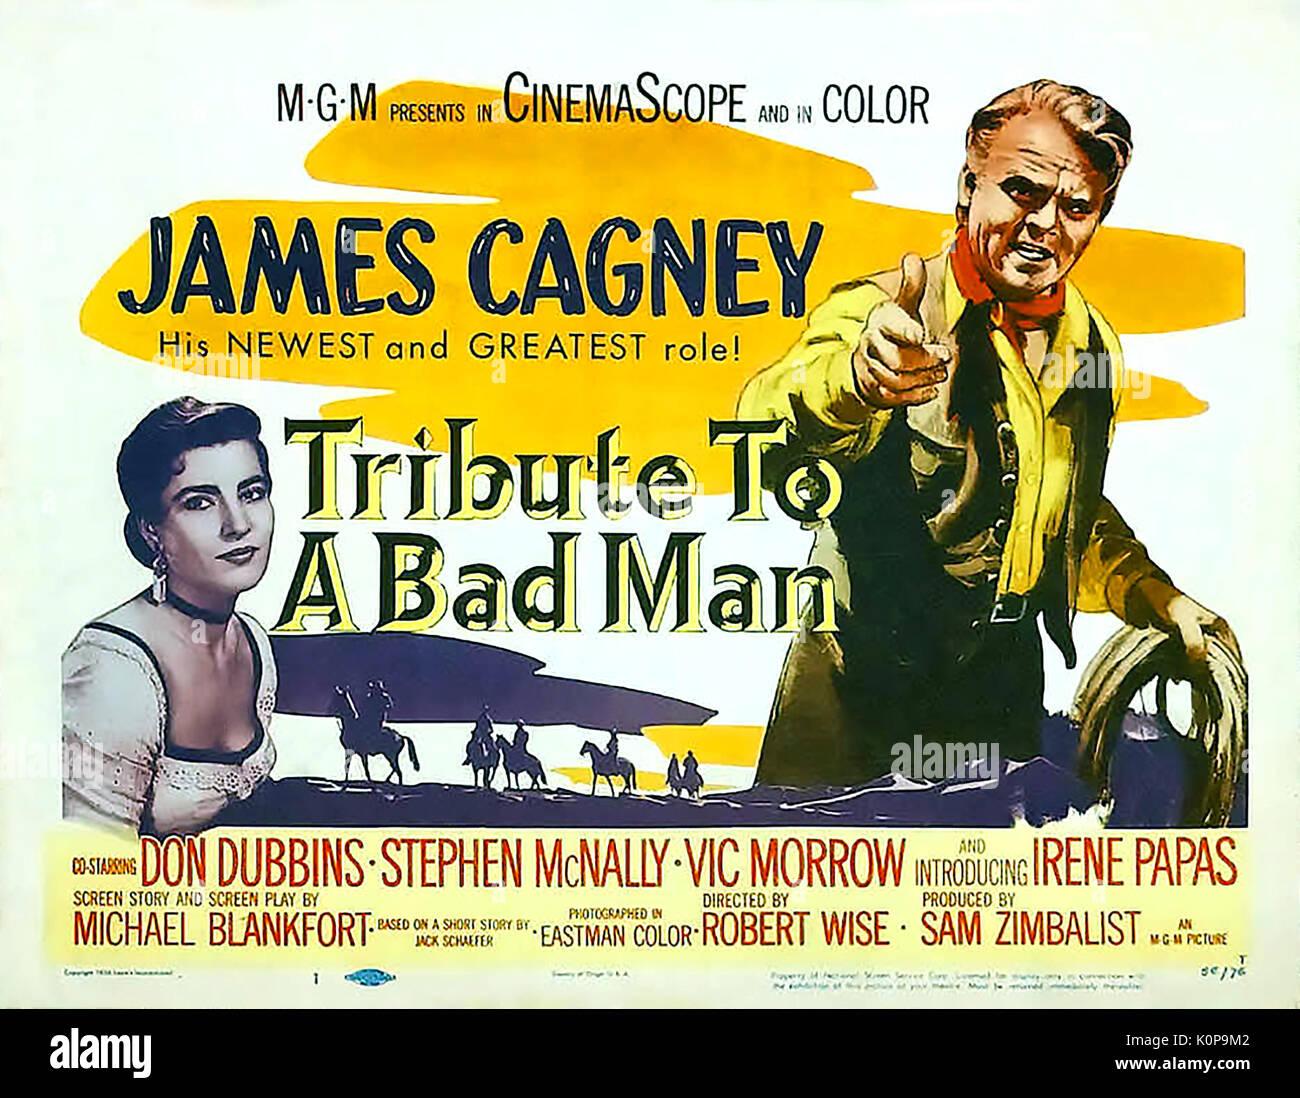 Hommage an ein schlechter Mann MGM Western Film 1956 mit James Cagney und Irene Papas Stockbild